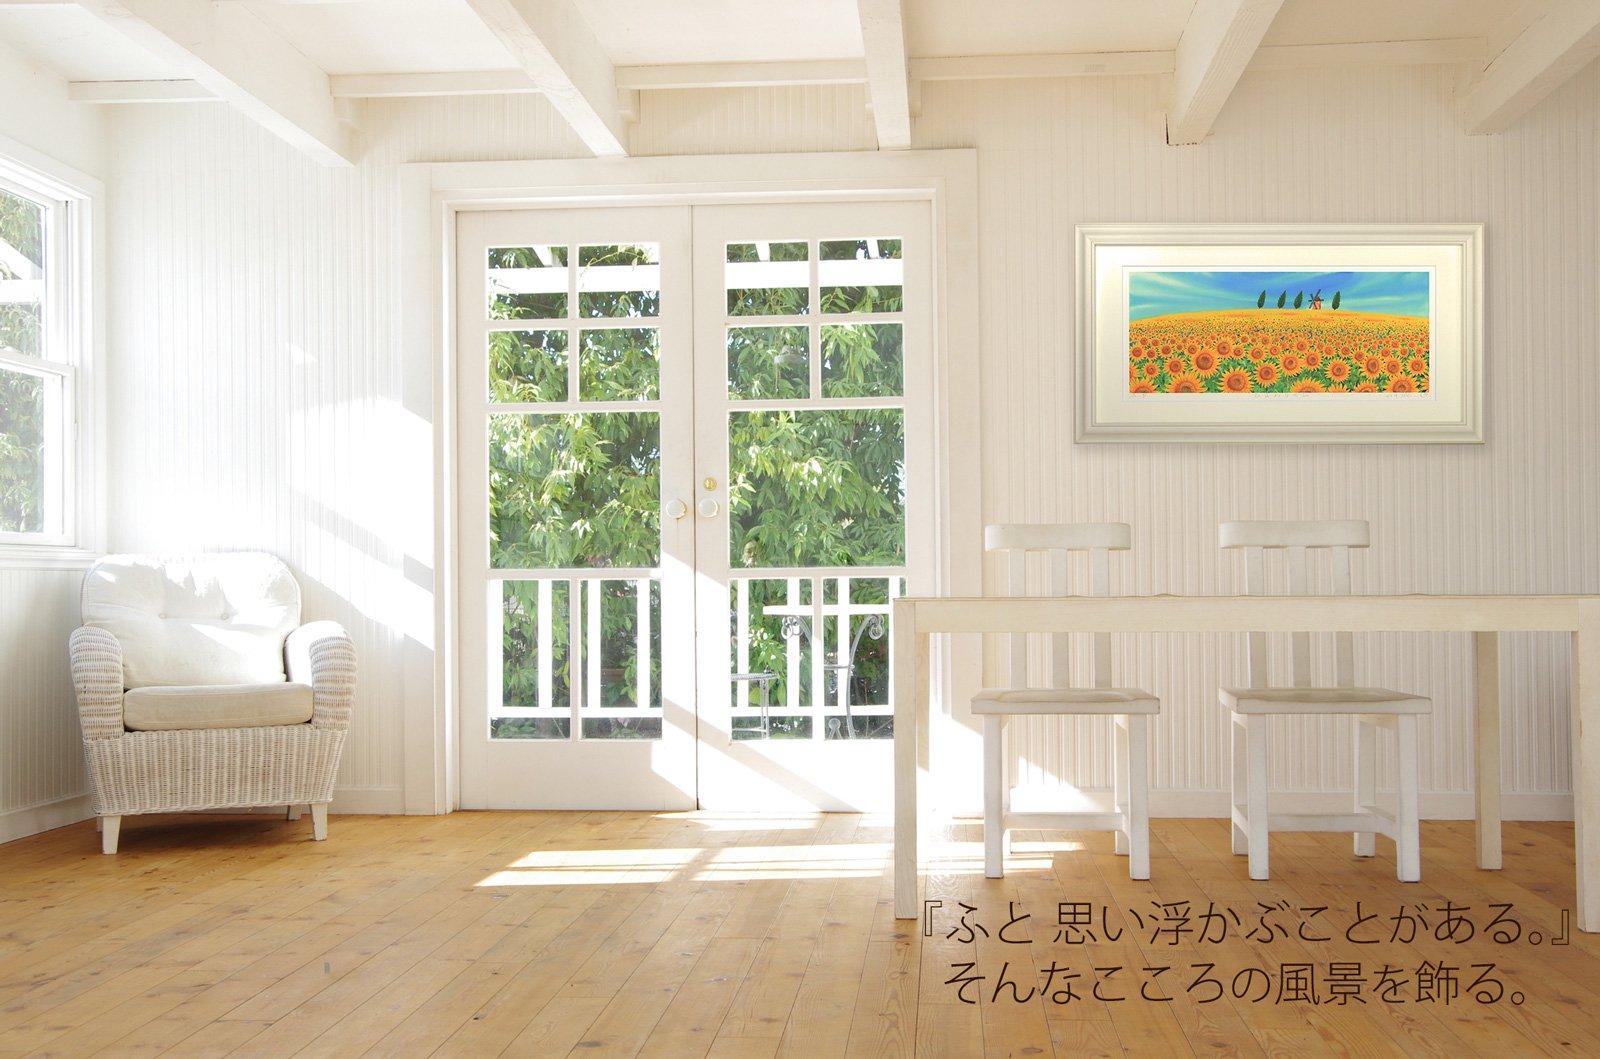 《絵画 水彩画》りんごの花〔栗乃木ハルミ くりのきはるみ 〕